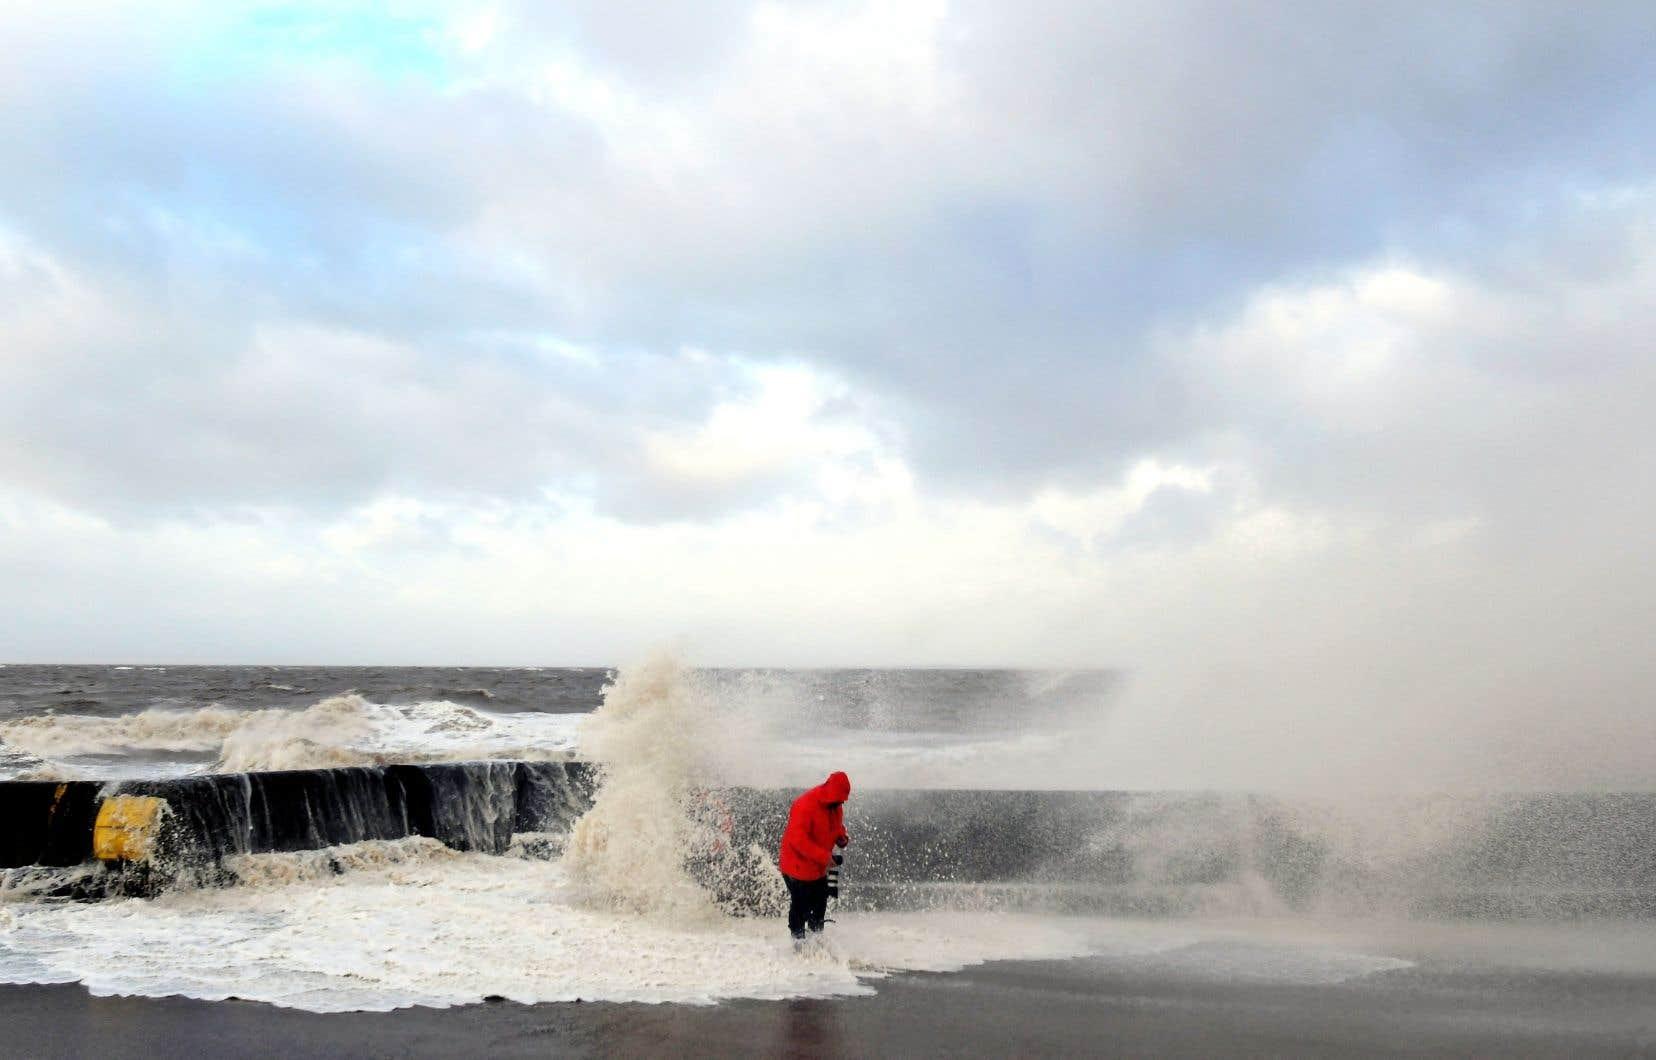 Un photographe vérifie son équipement après qu'une vague a cassé au-dessus du mur contenant habituellement les marées, à Brighton en Angleterre.